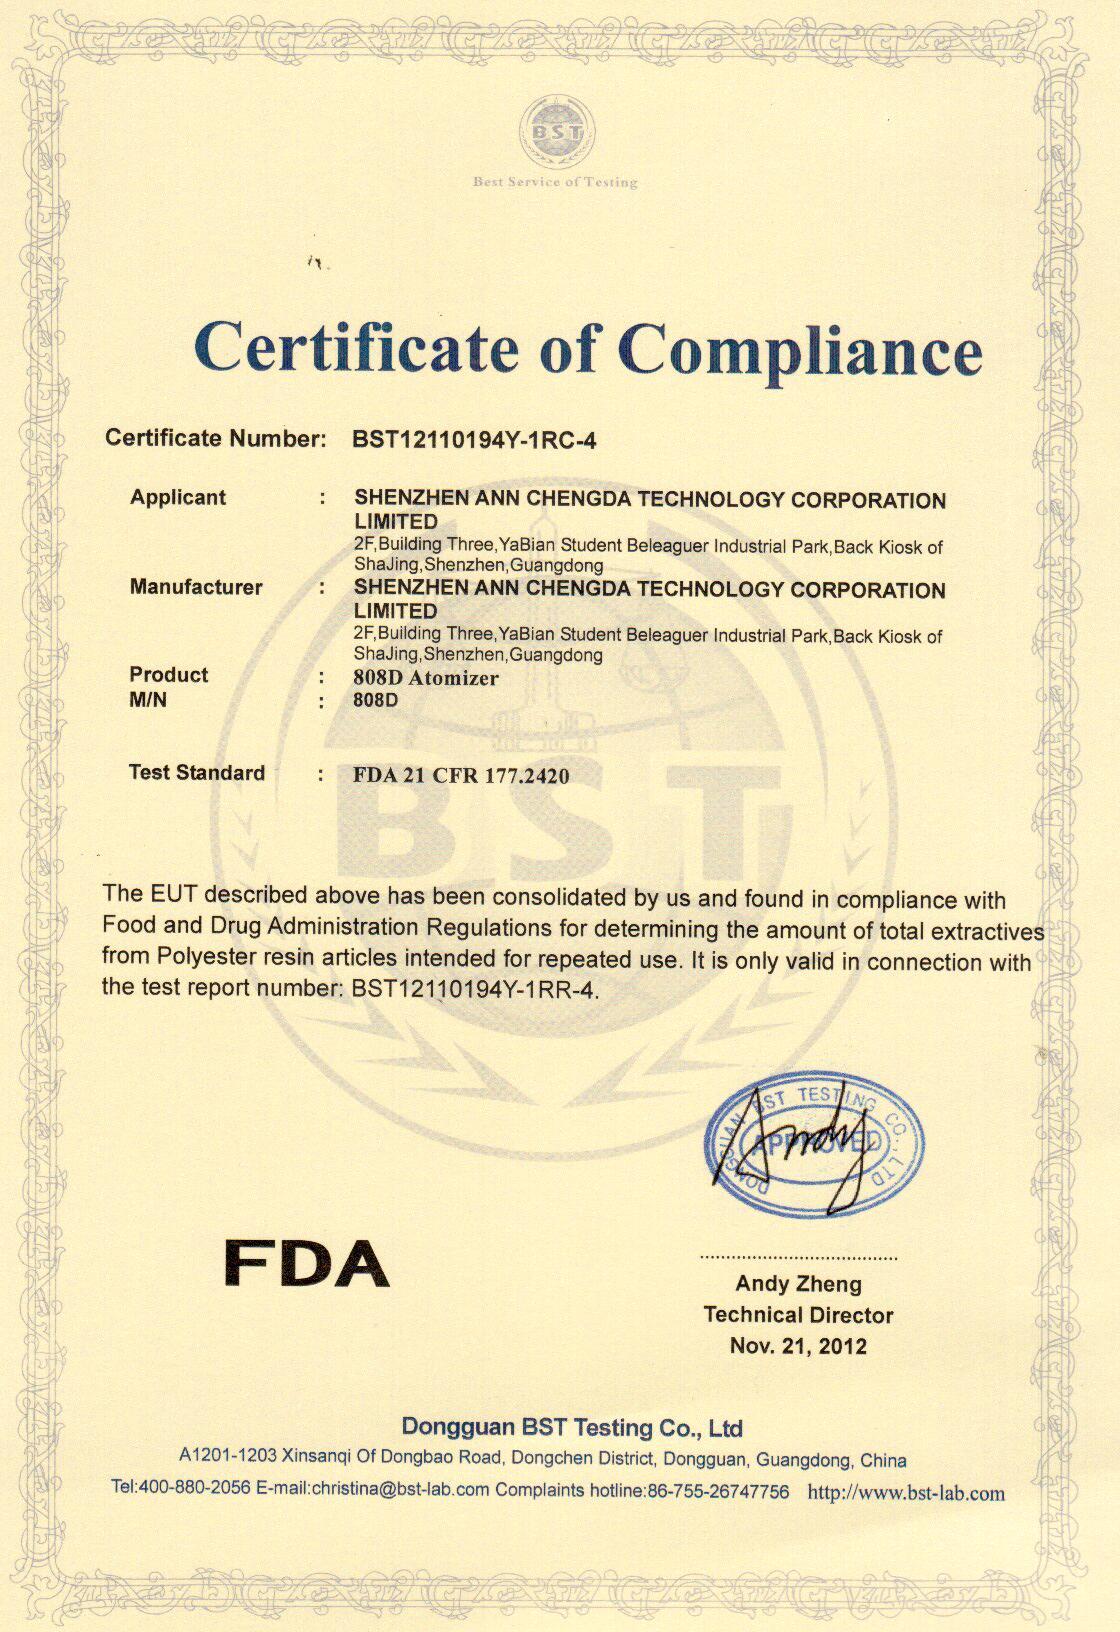 美国fda认证证书